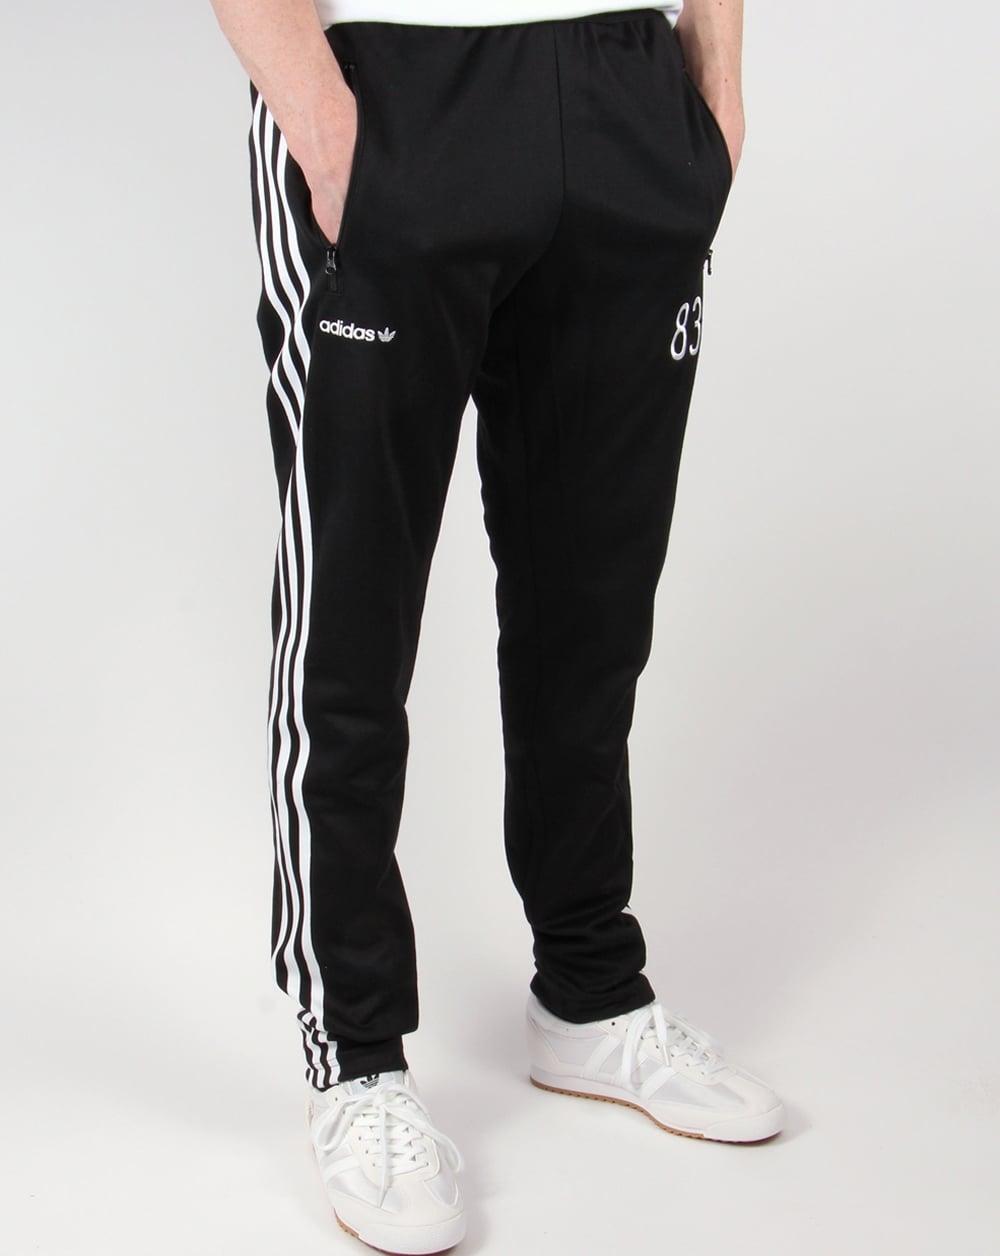 Adidas Originals 83 C Track Pants Black Jogging Bottoms